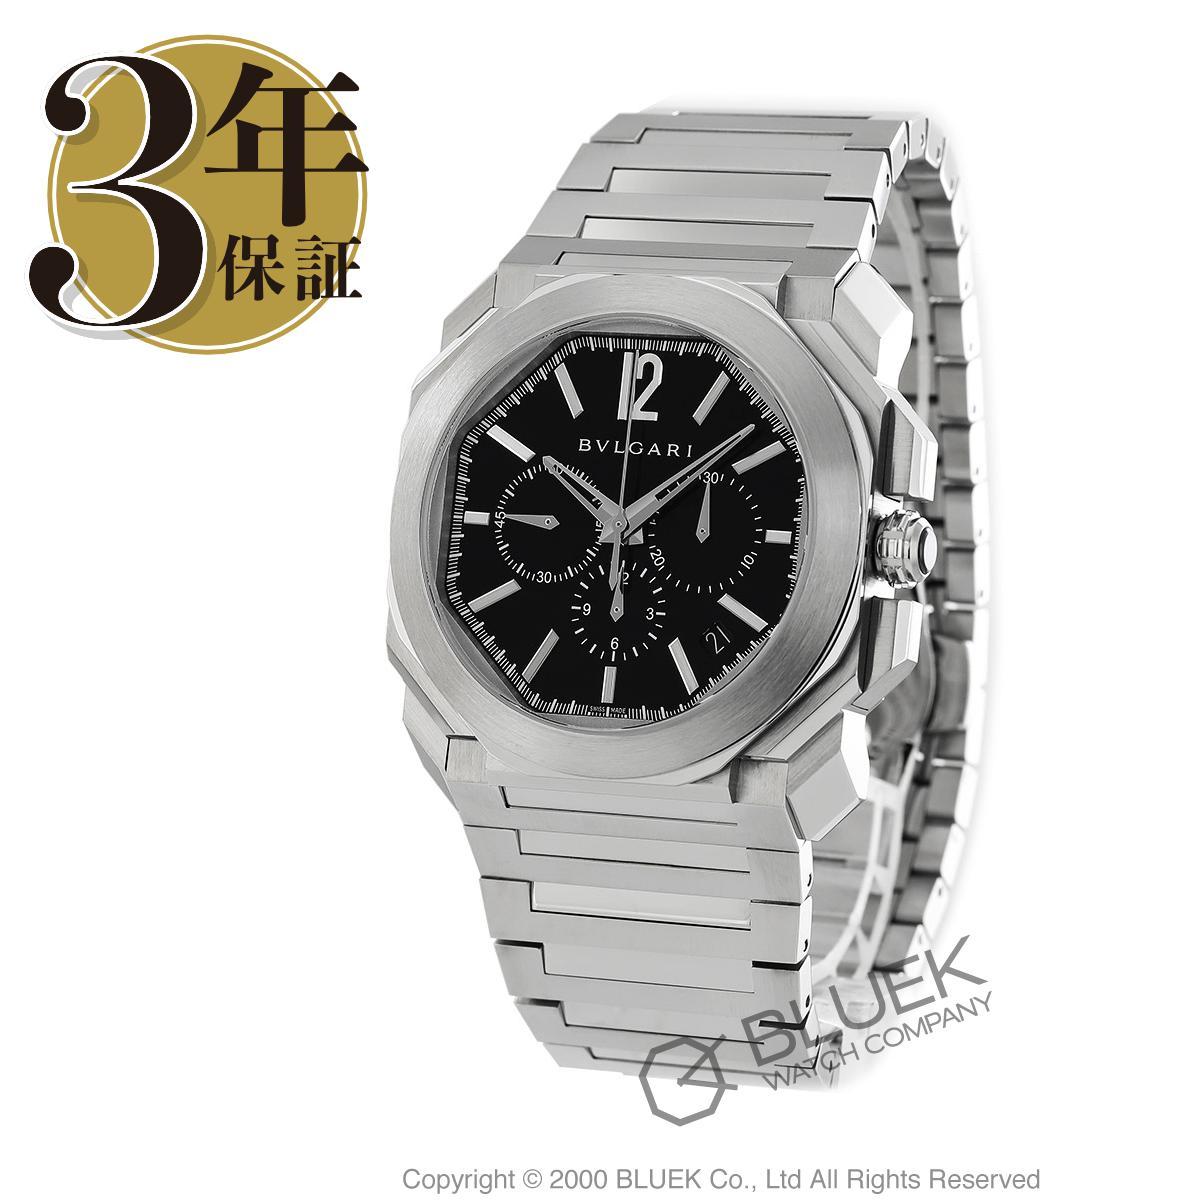 ブルガリ オクト ヴェロチッシモ クロノグラフ 腕時計 メンズ BVLGARI BGO41BSSDCH_8